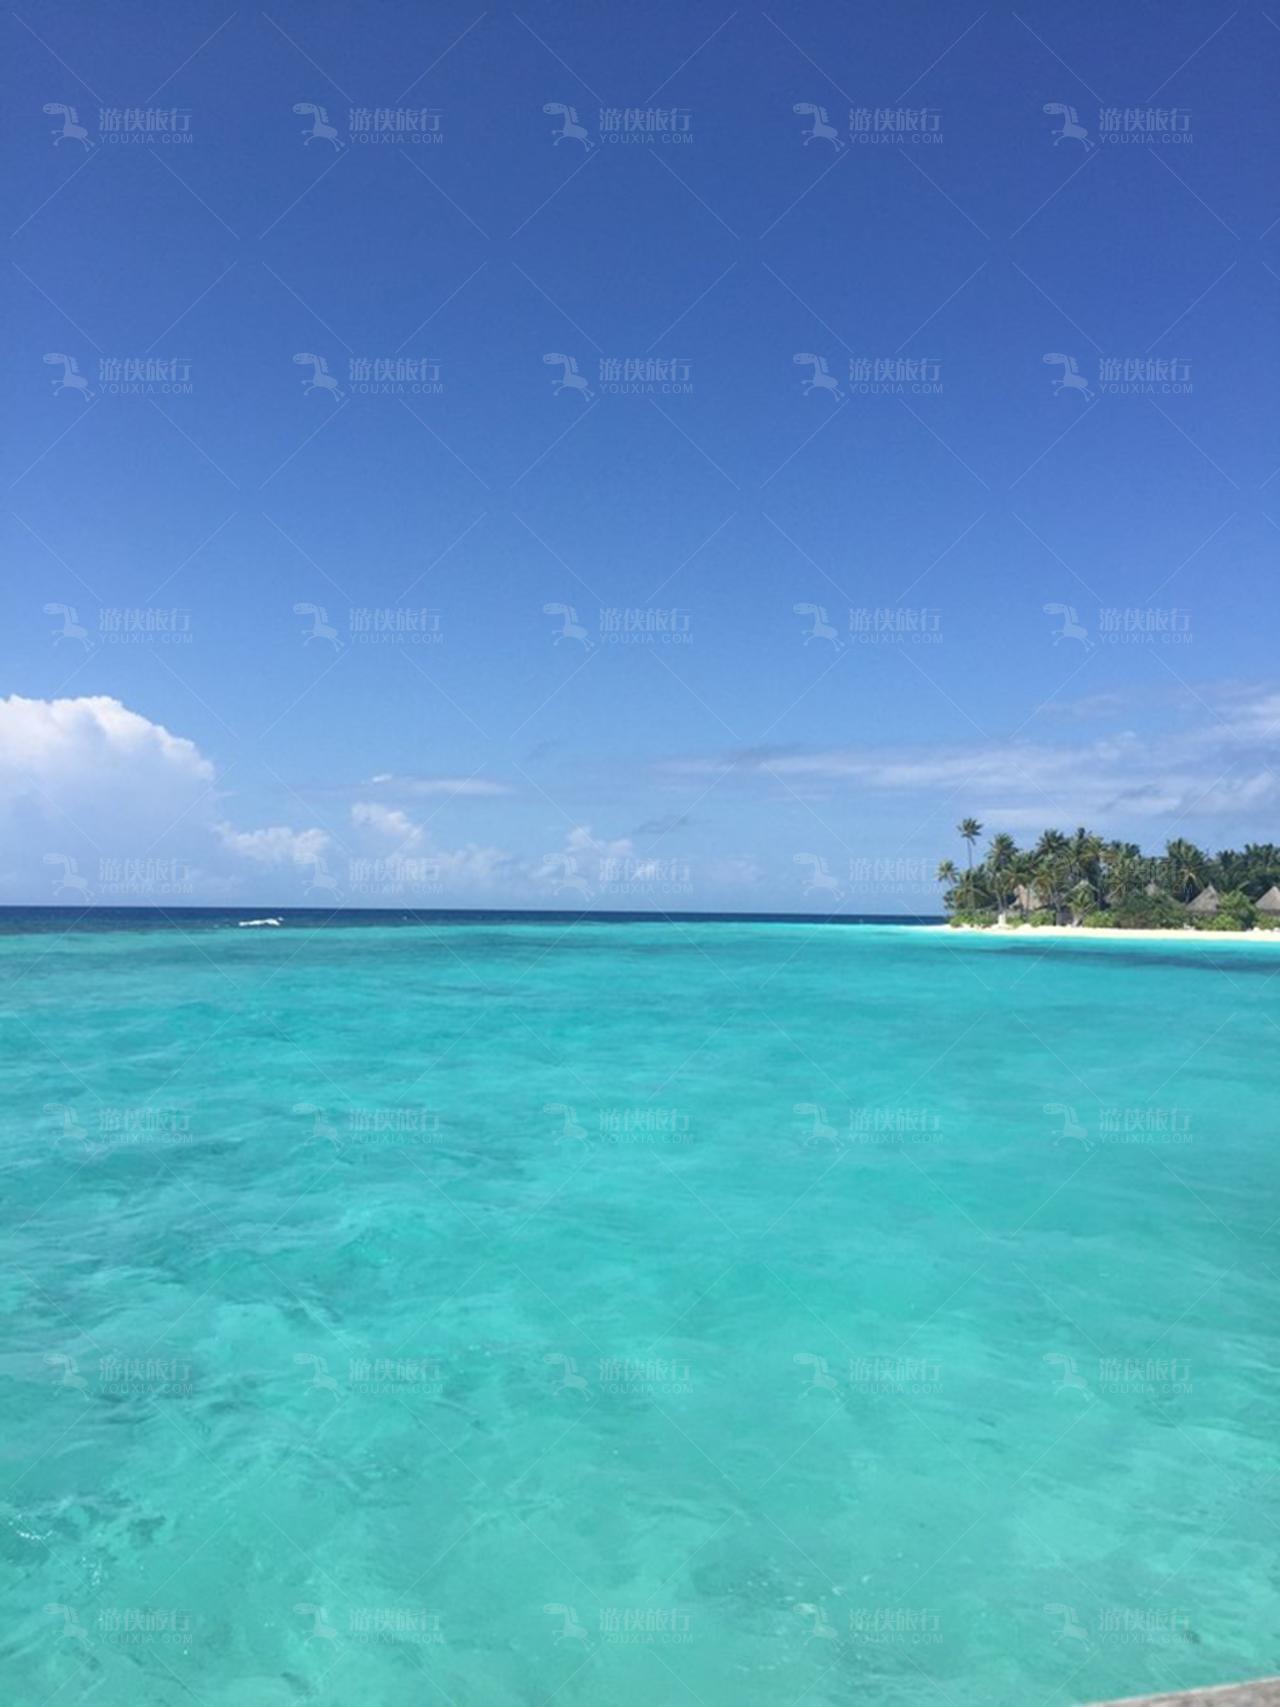 马尔代夫安嘎嘎的海